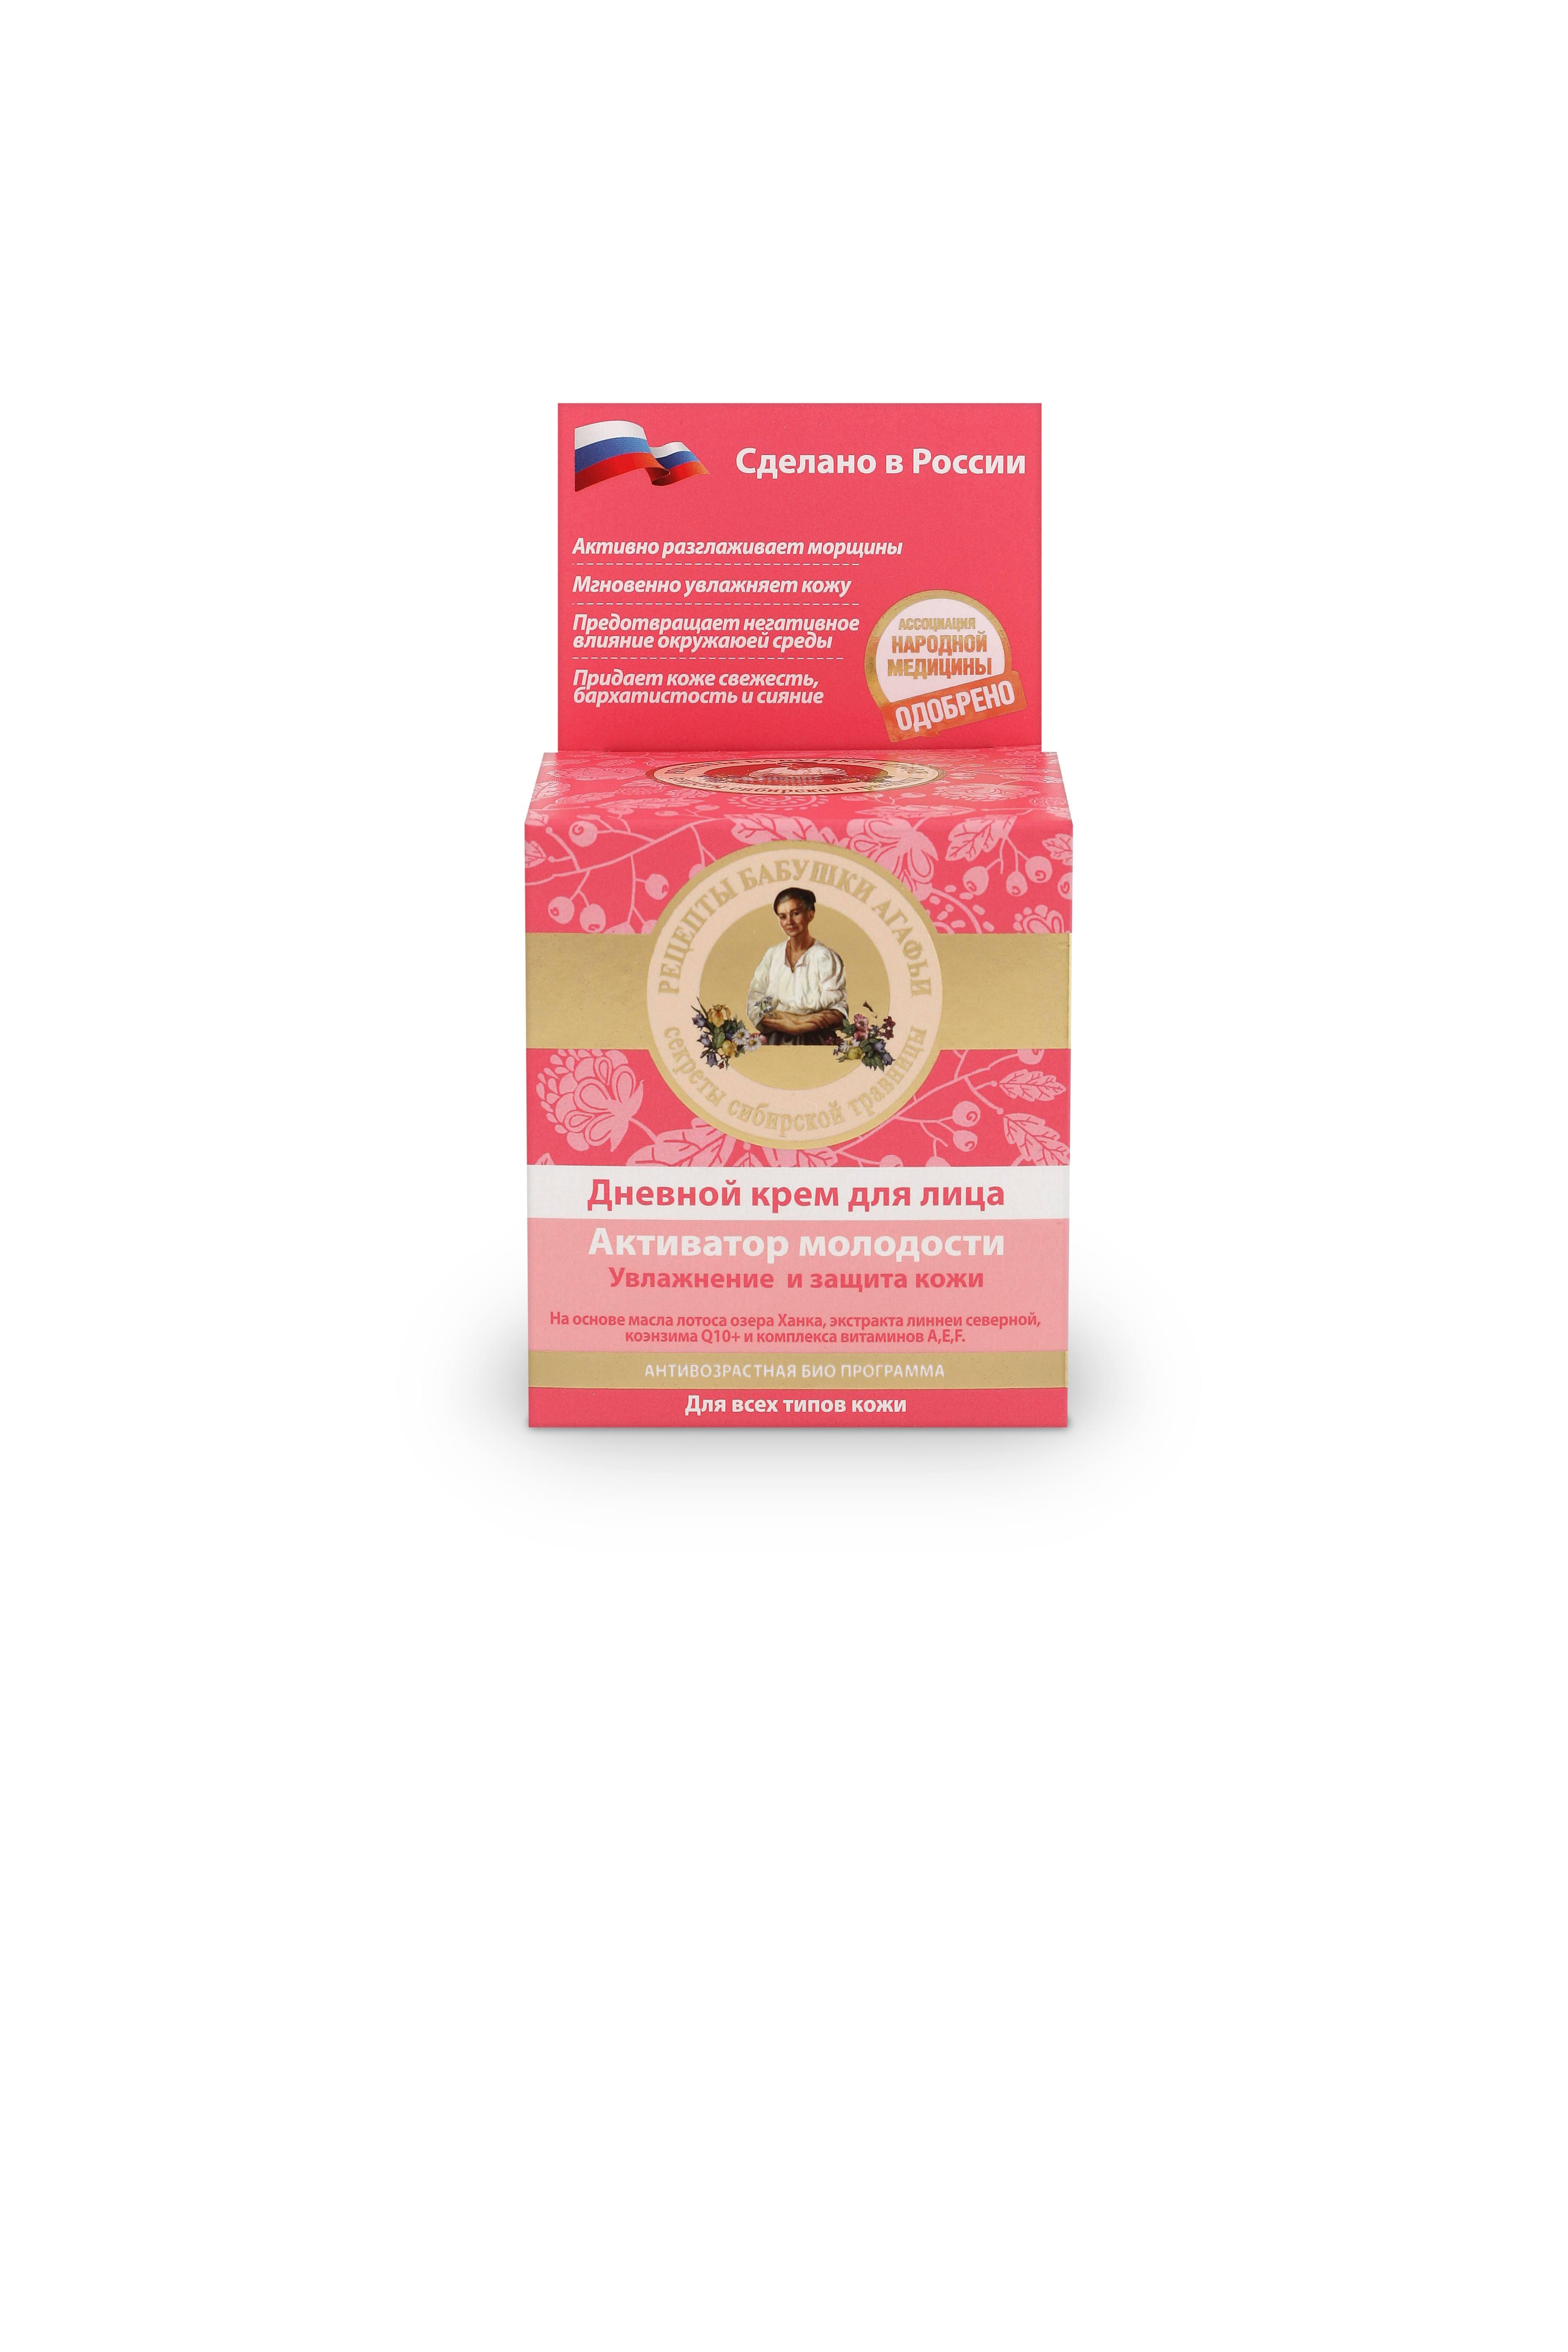 Купить Рецепты бабушки Агафьи Крем для лица дневной активатор молодости, 100 мл, РЕЦЕПТЫ БАБУШКИ АГАФЬИ (shop: Organic-shops Organic shops)